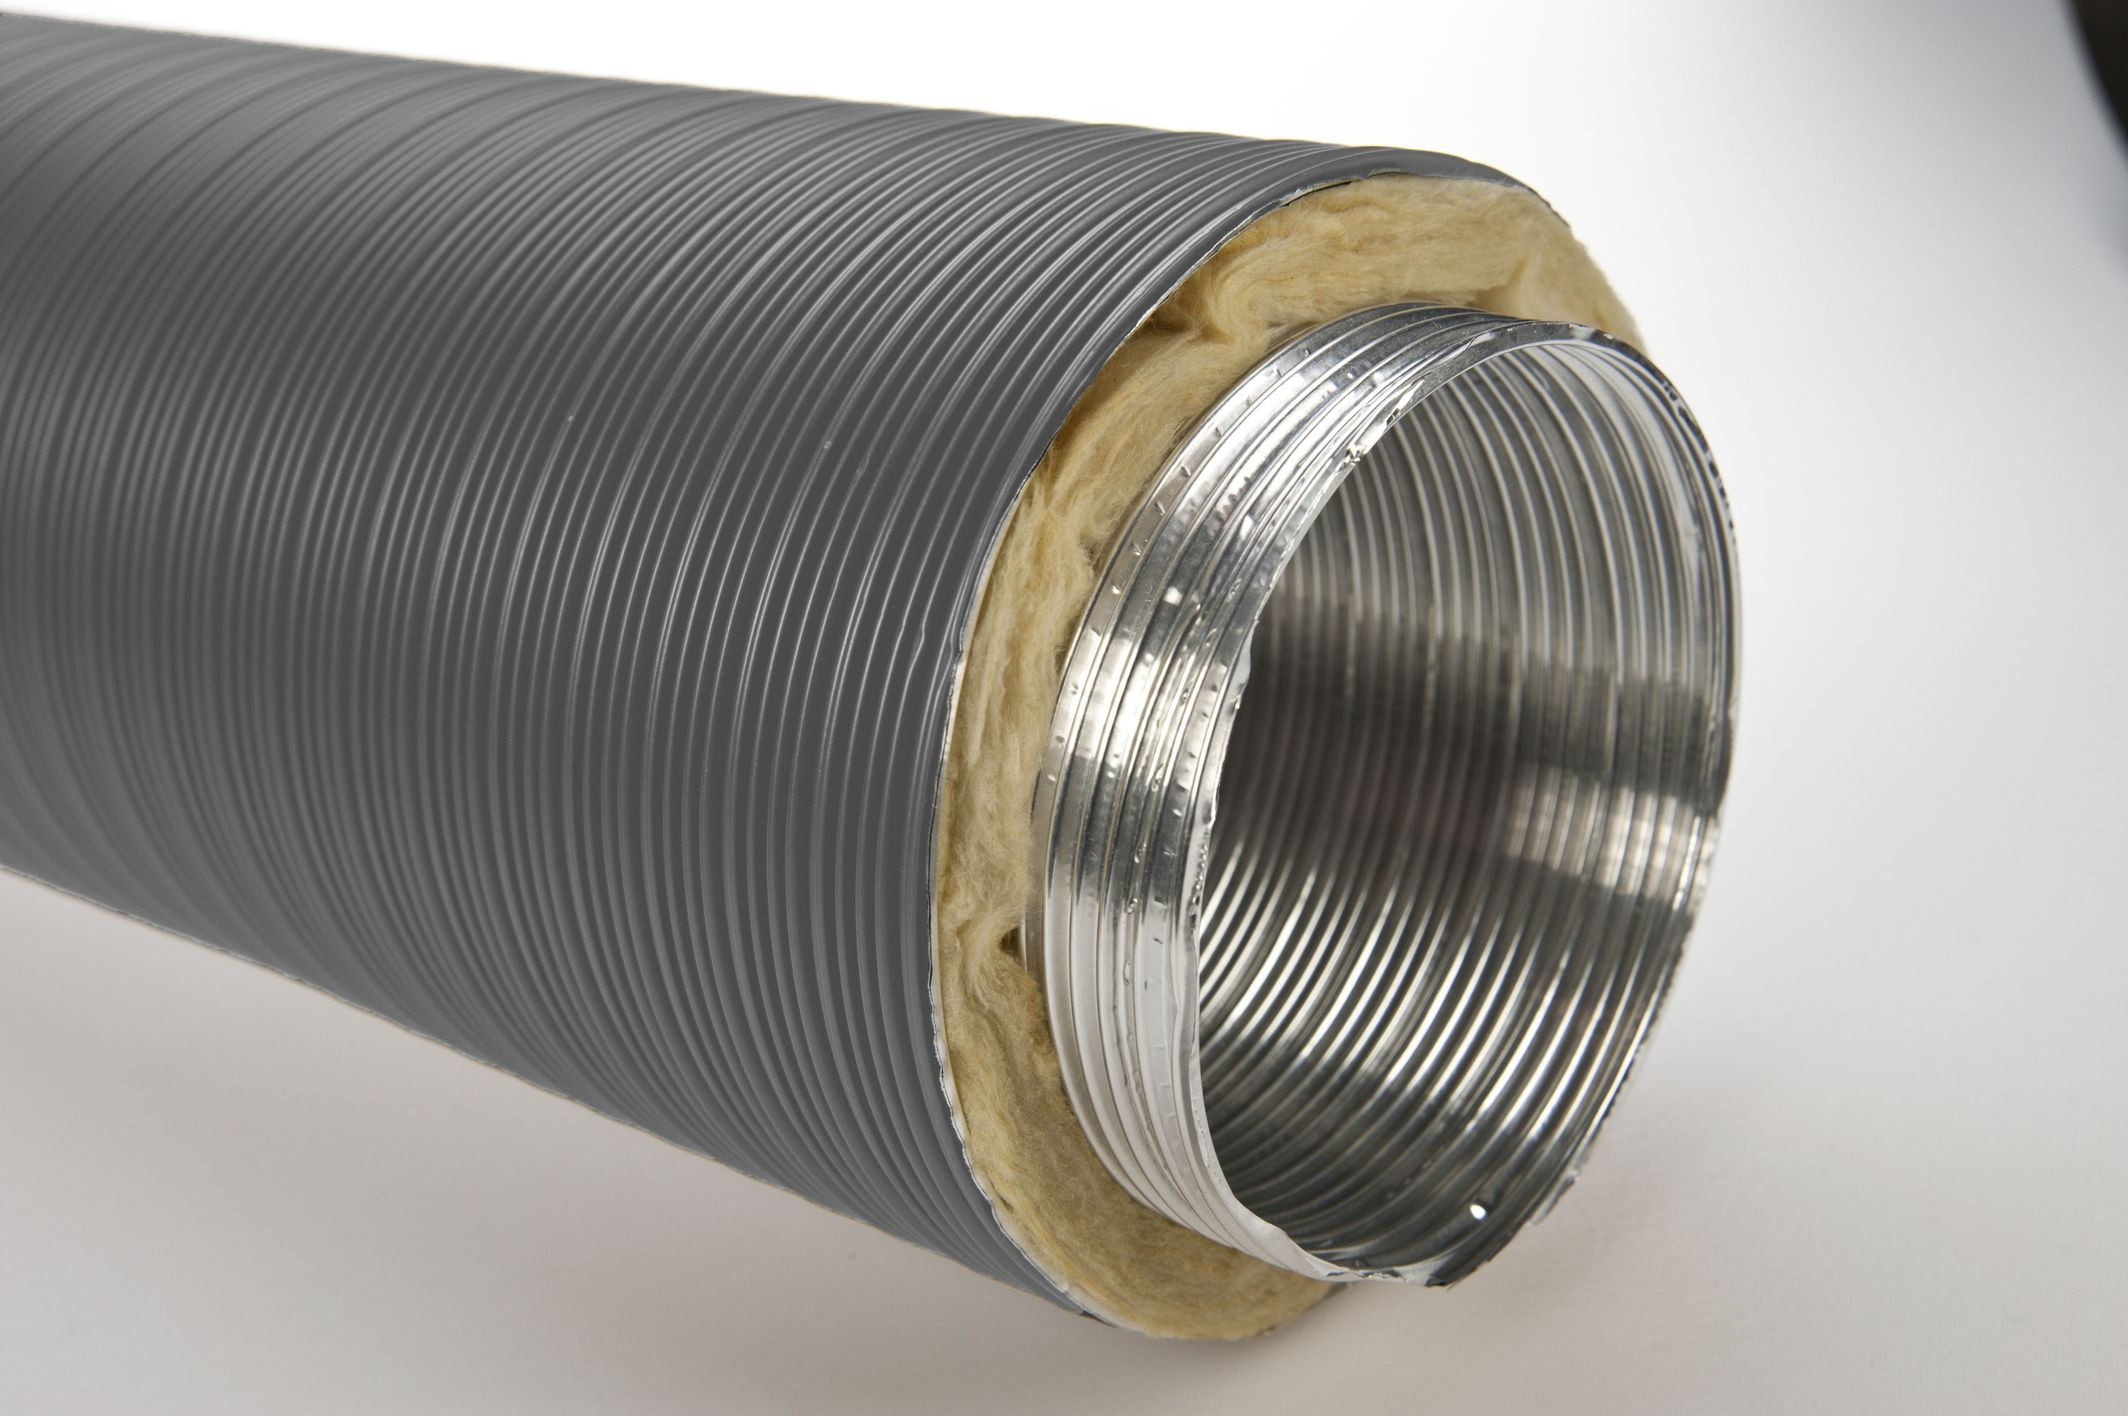 isolierte elastische Aluflex Thermoflex DN 160 mm x 5 m